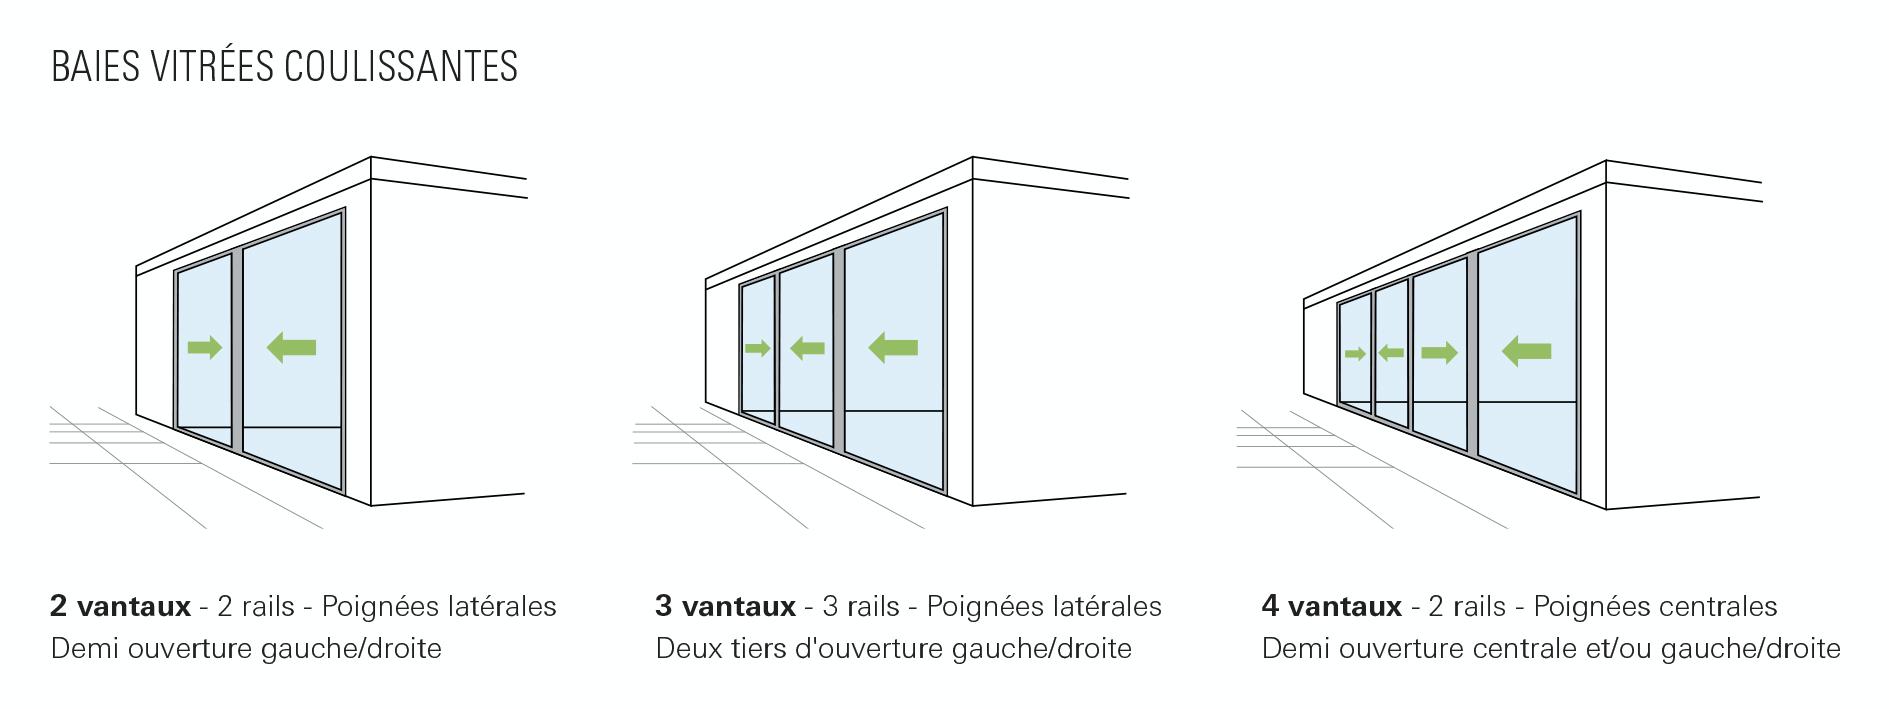 Baie vitrées coulissantes en aluminium